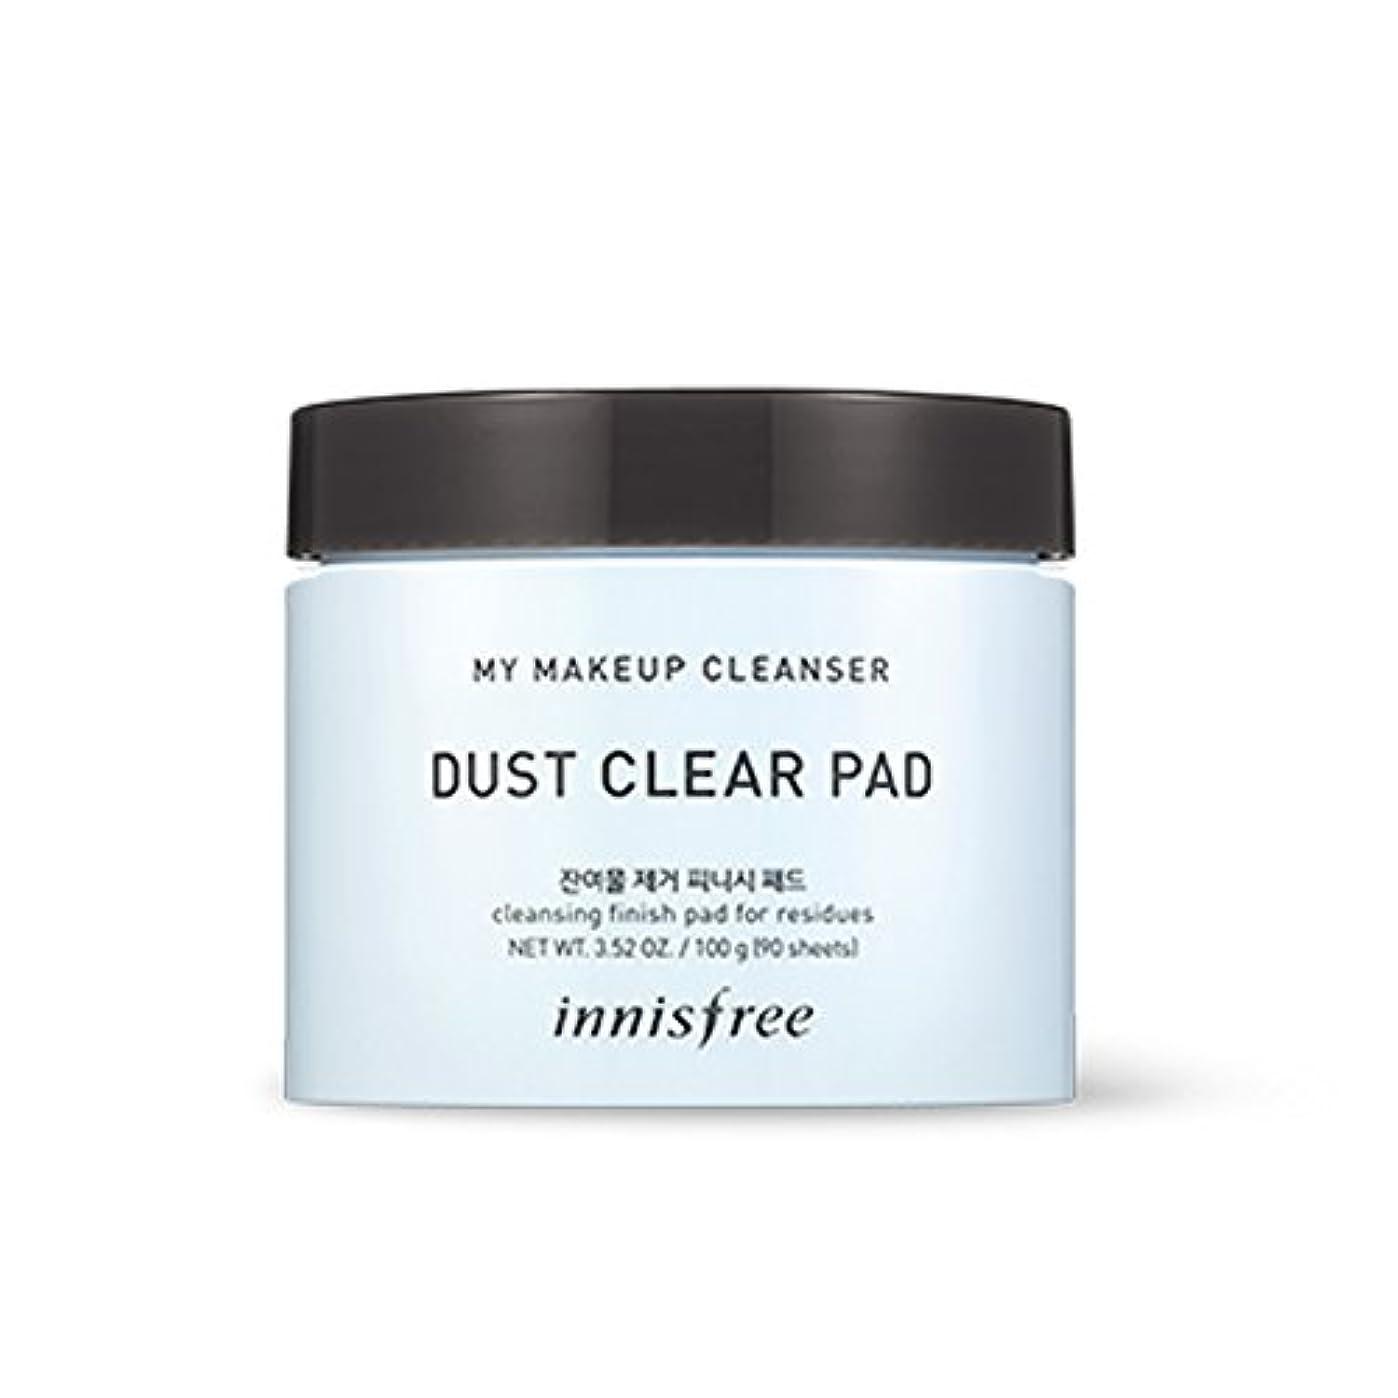 イニスフリーマイメイクアップクレンザー - ダストクリアパッド90ea x 1個 Innisfree My Makeup Cleanser - Dust Clear Pad 90ea x 1pcs [海外直送品][並行輸入品]